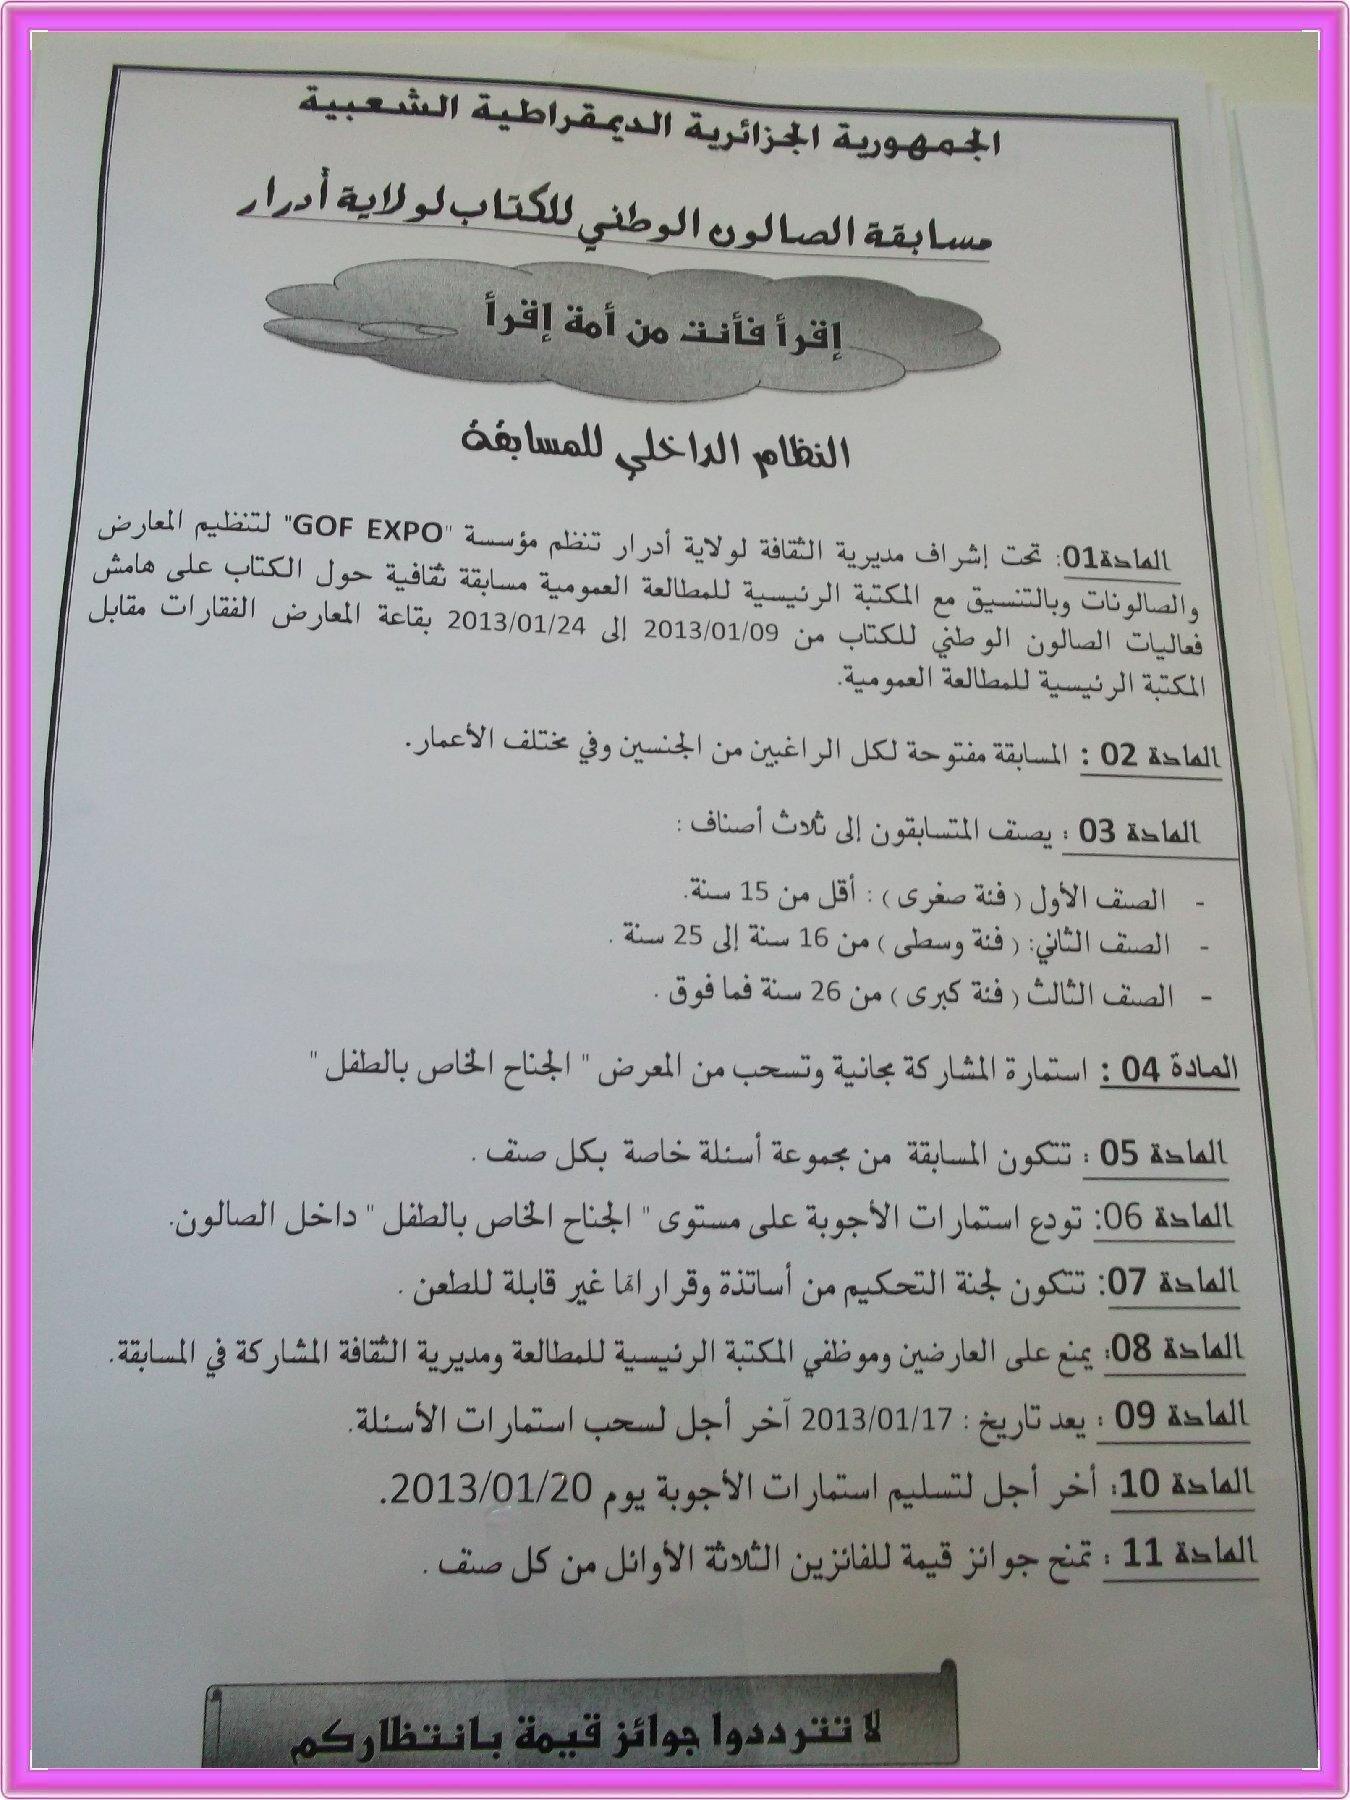 فعاليات الصالون الوطني للكتاب بأدرار 319726835